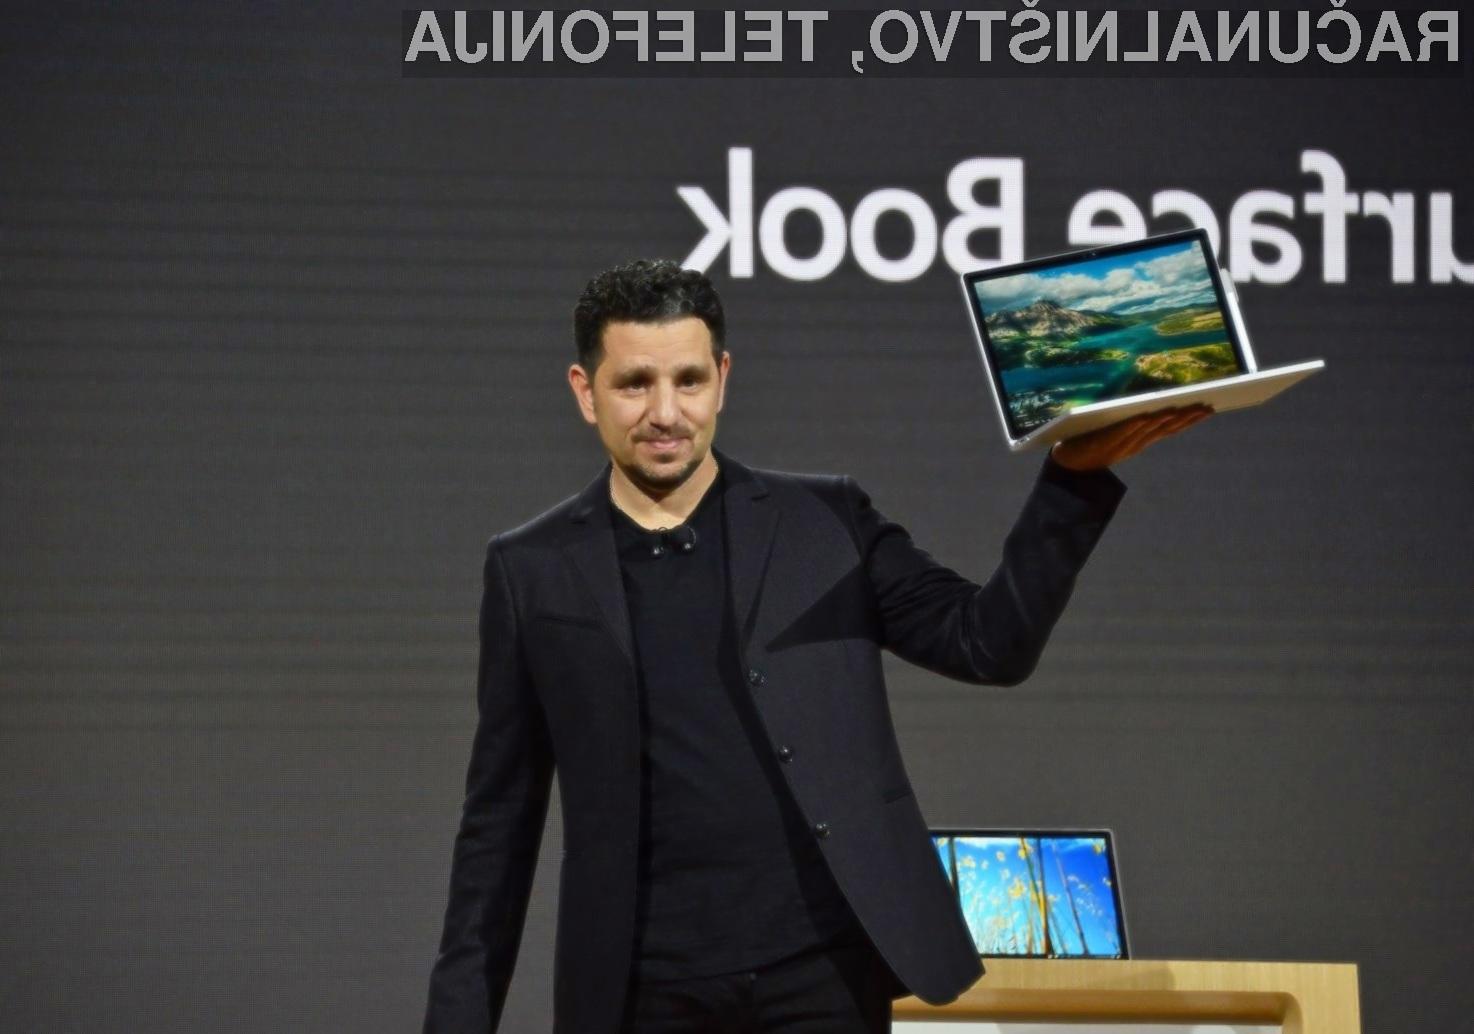 Novi Microsoft Surface Book i7 lahko brez polnjenja uporabljamo kar 16 ur!